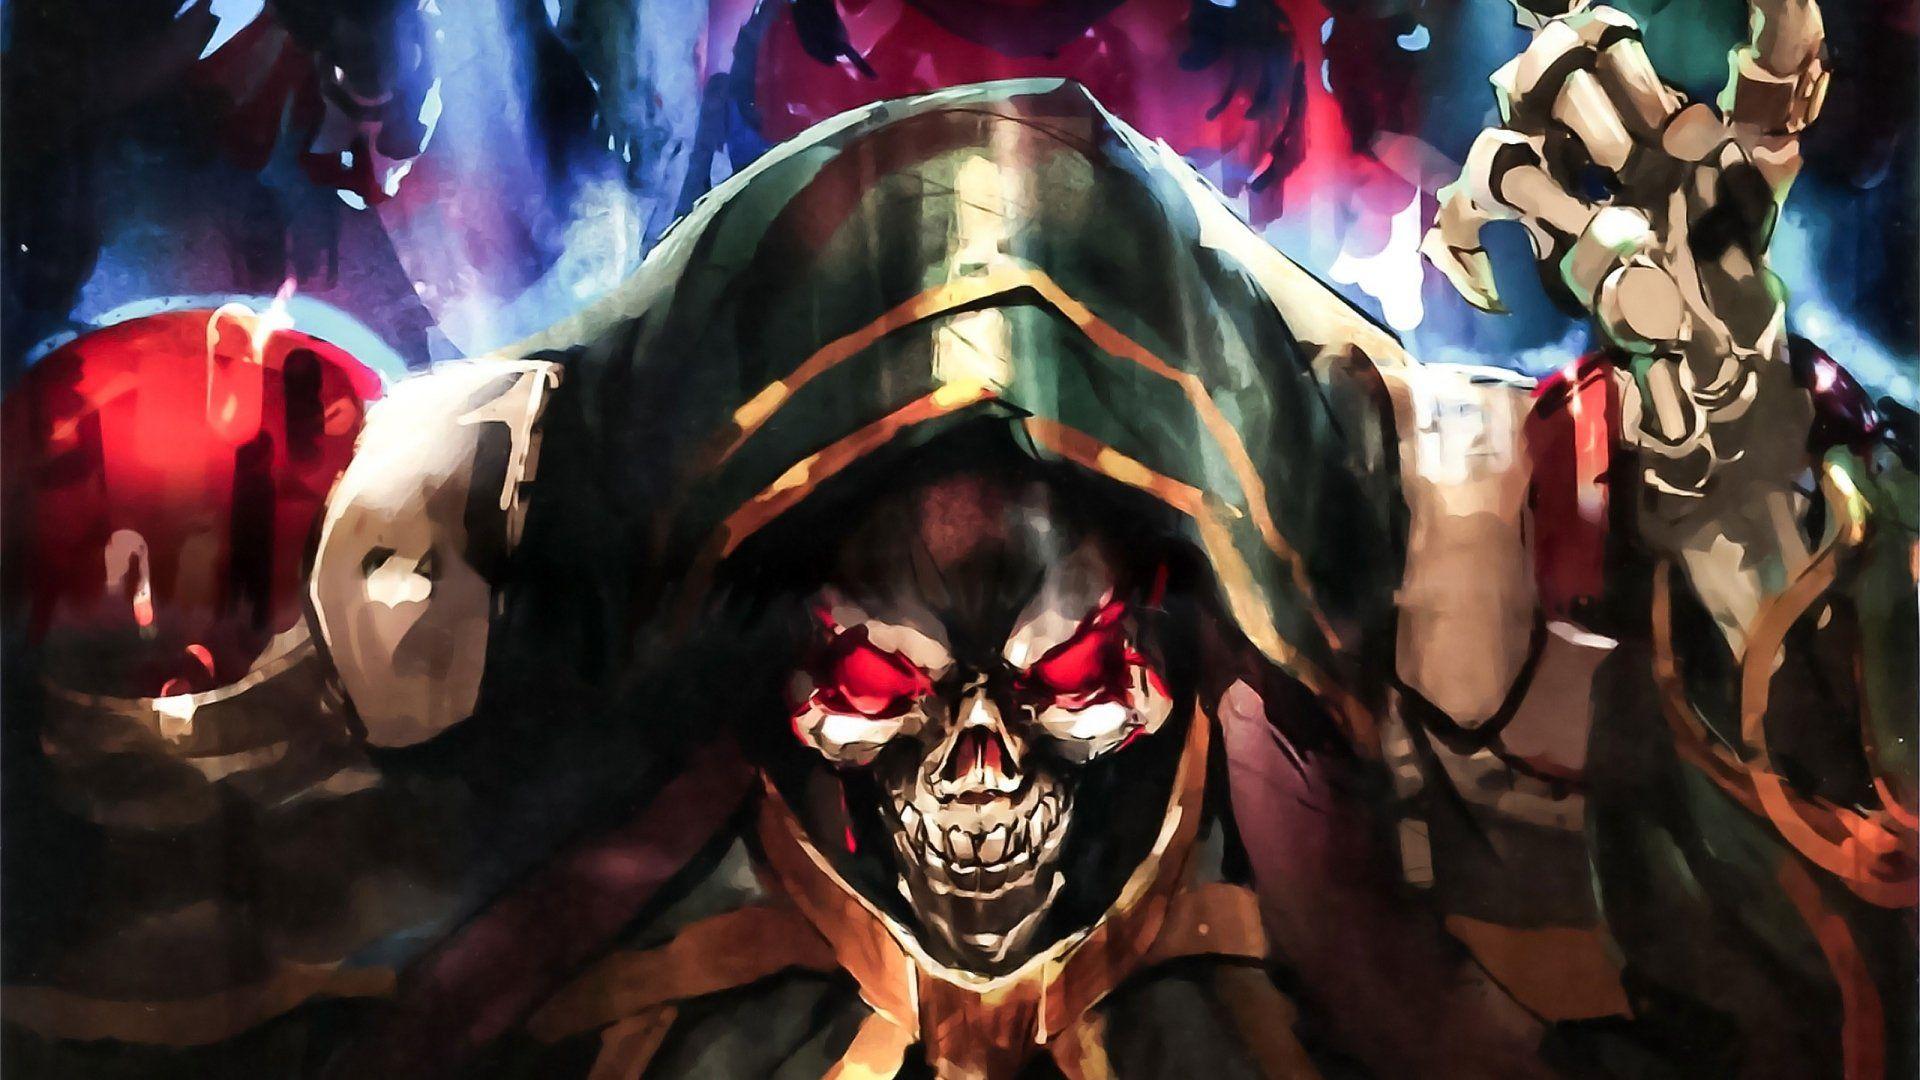 Anime overlord overlord anime ainz ooal gown fondo de